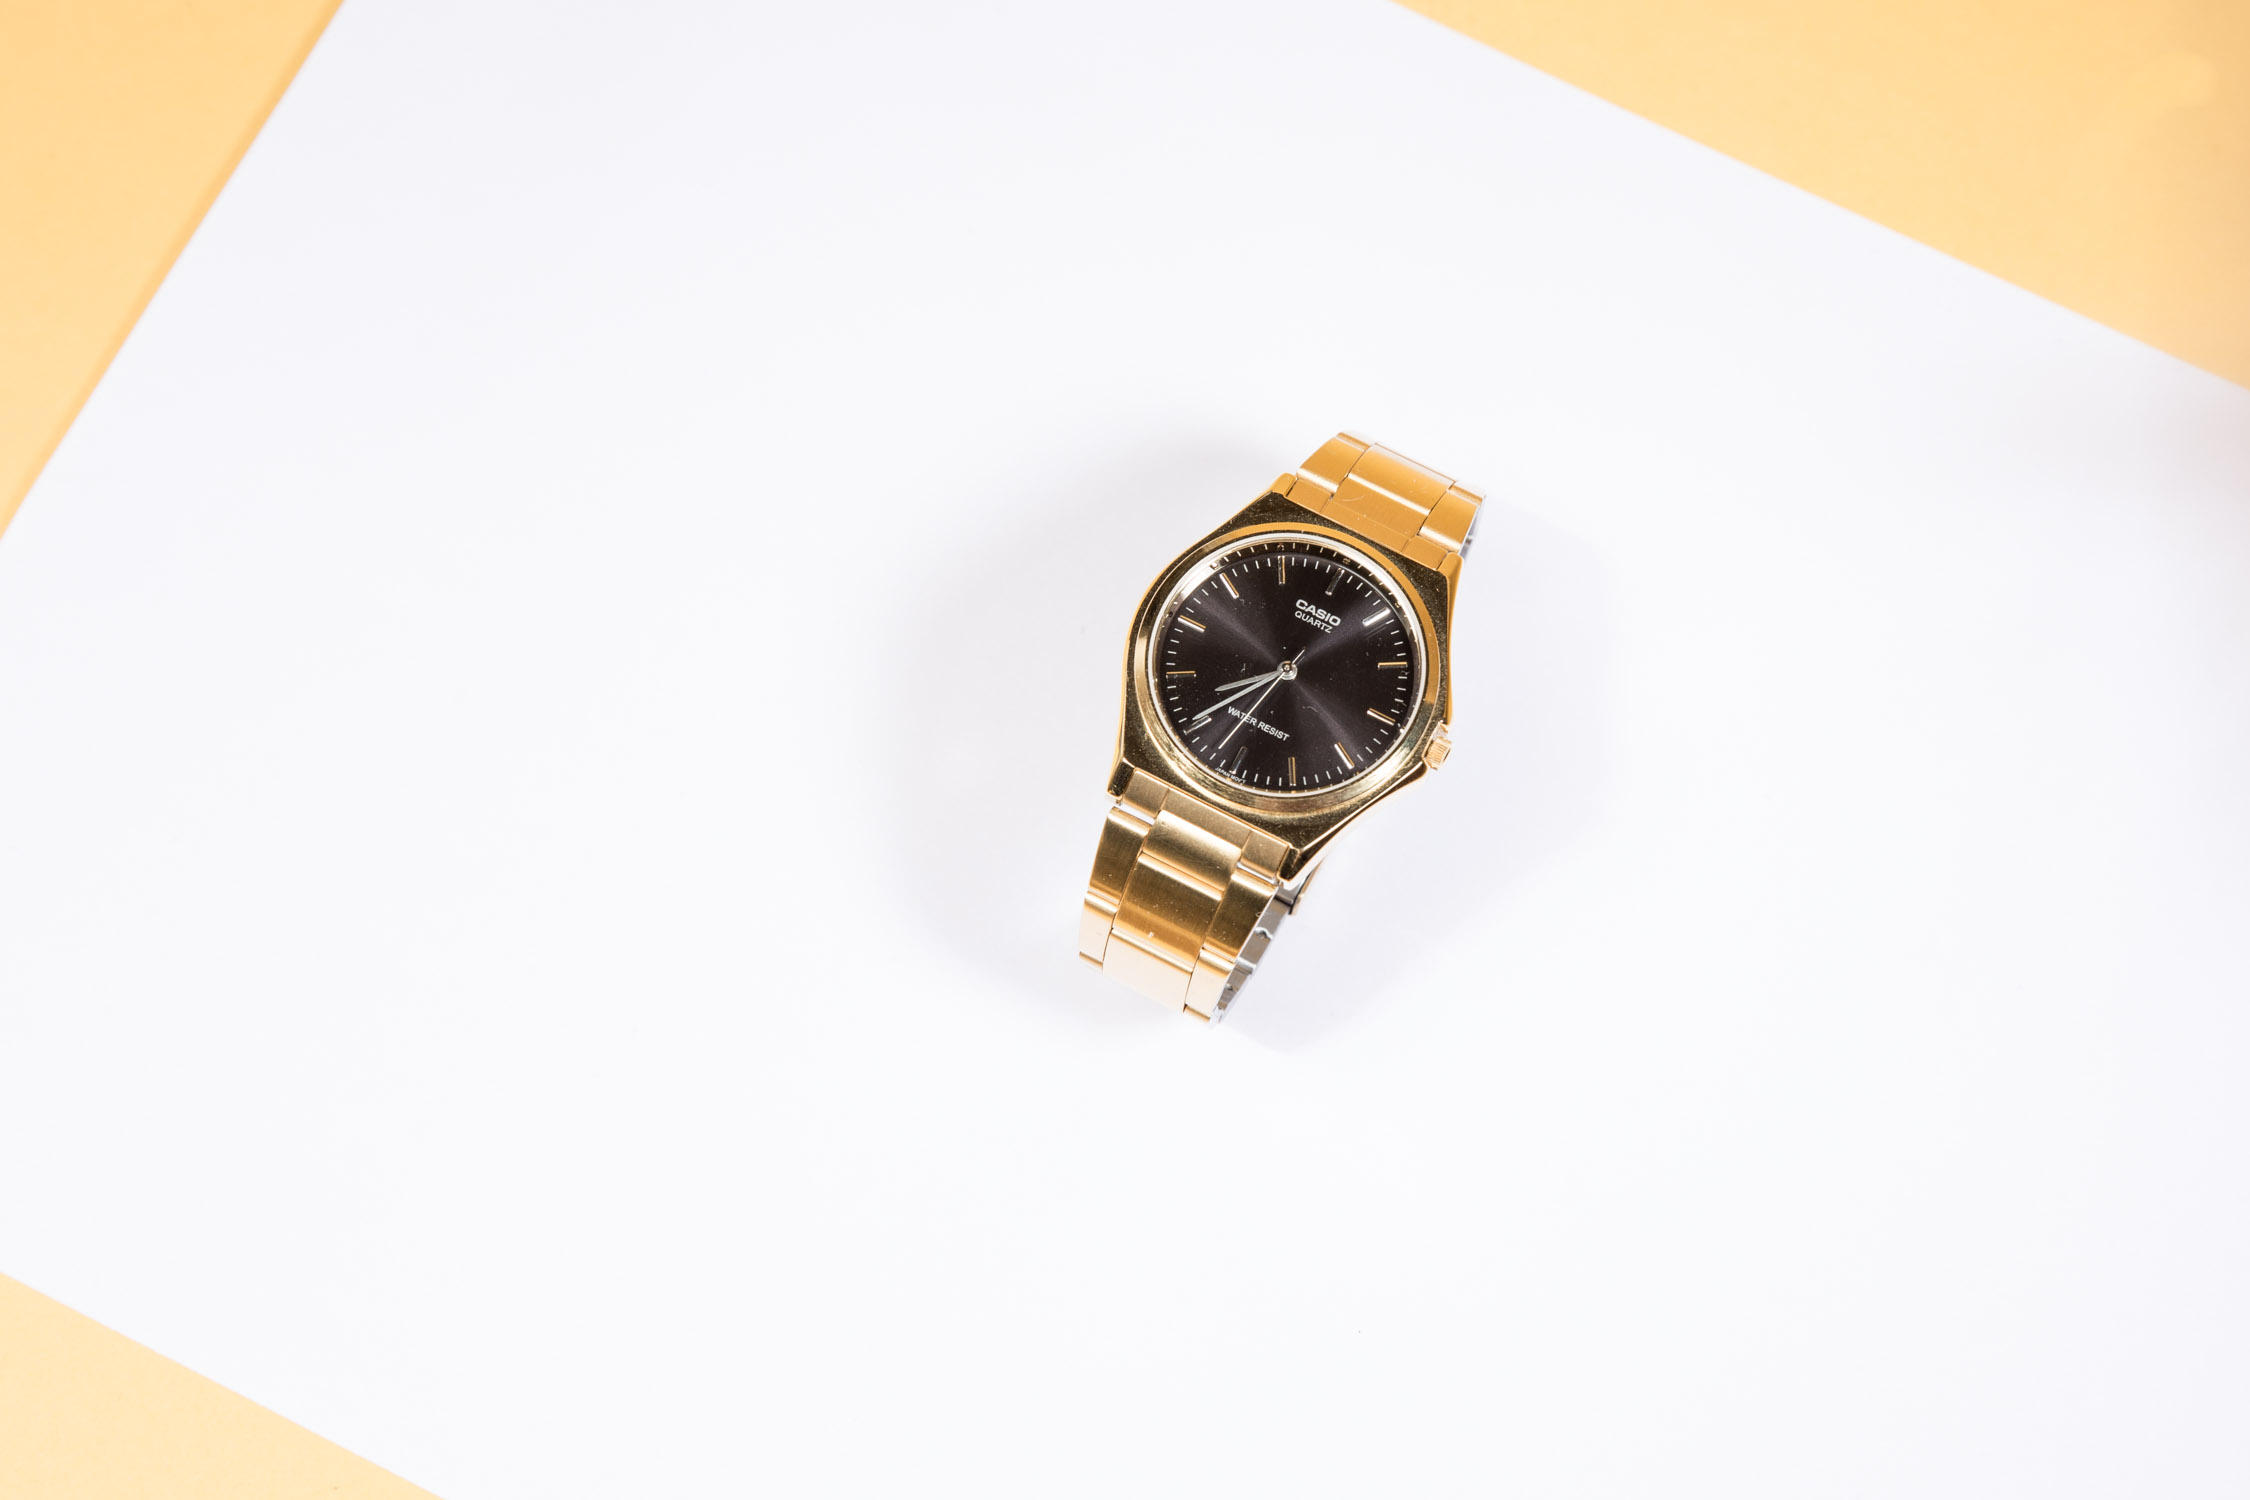 montre casio vintage doré